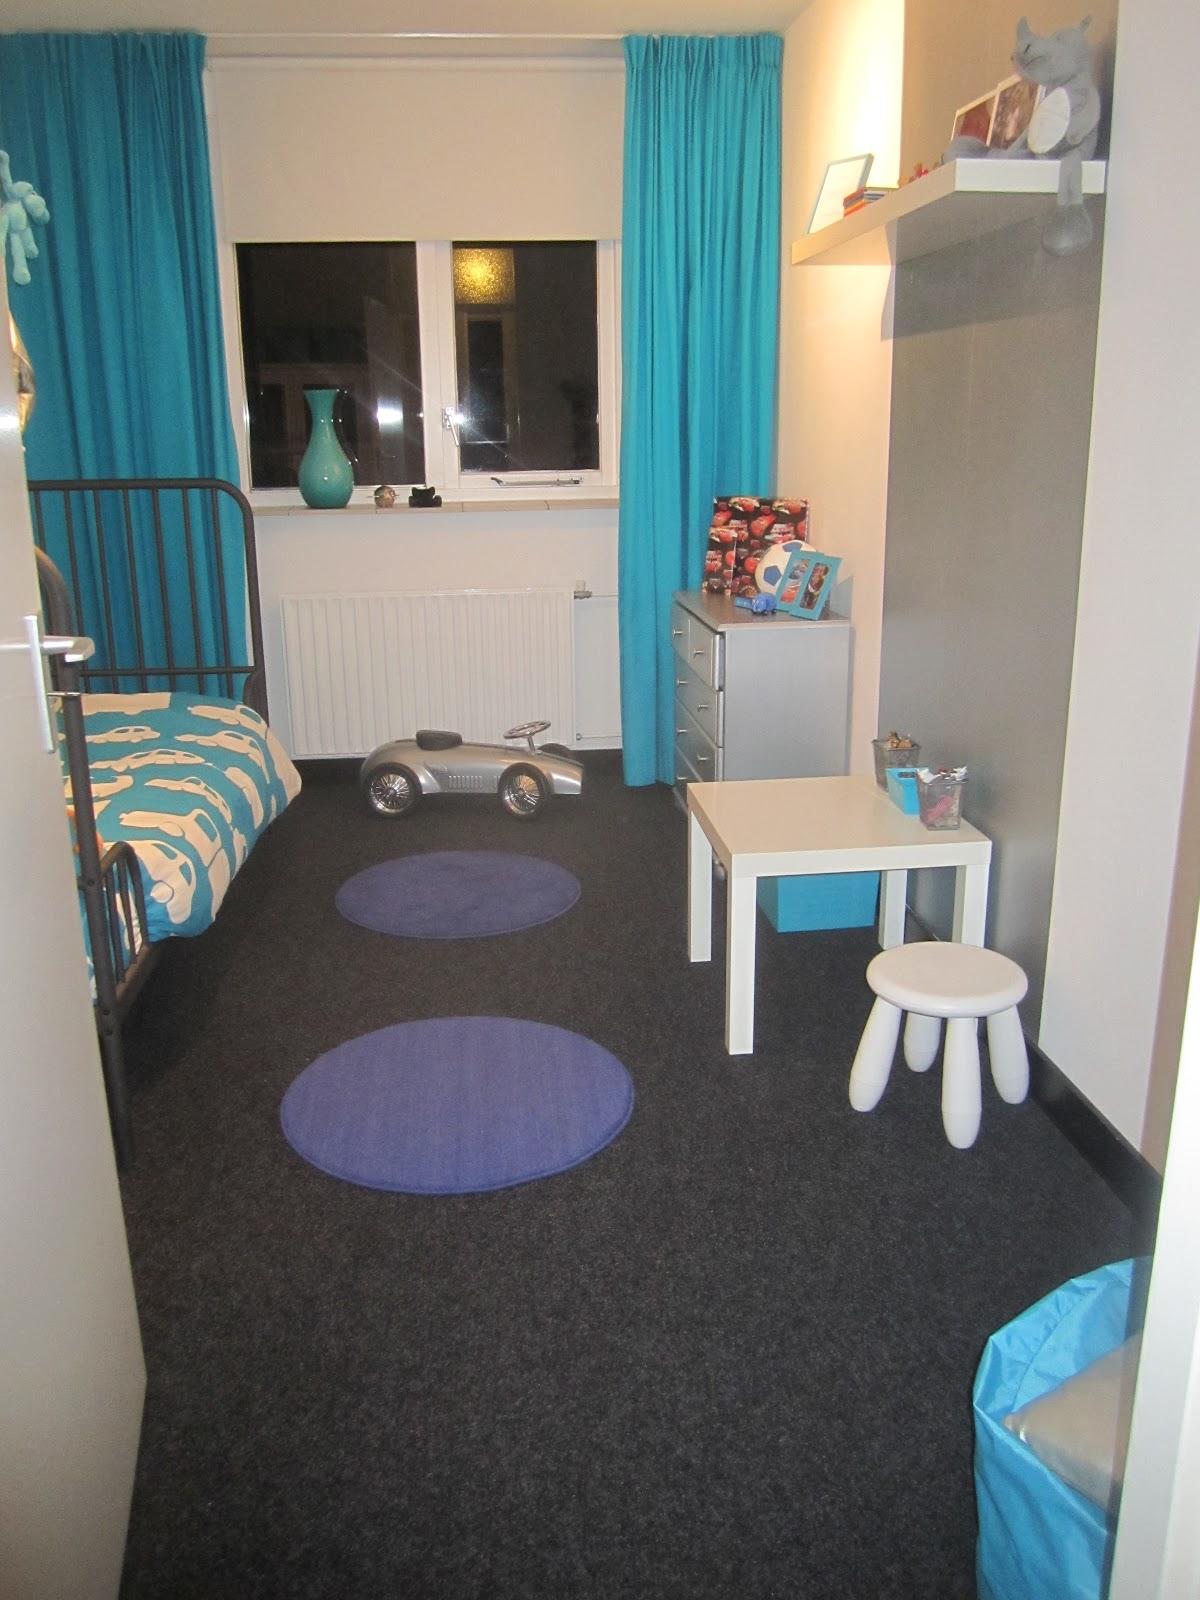 Slaapkamer 2 jarige digtotaal - Slaapkamer jaar oud ...